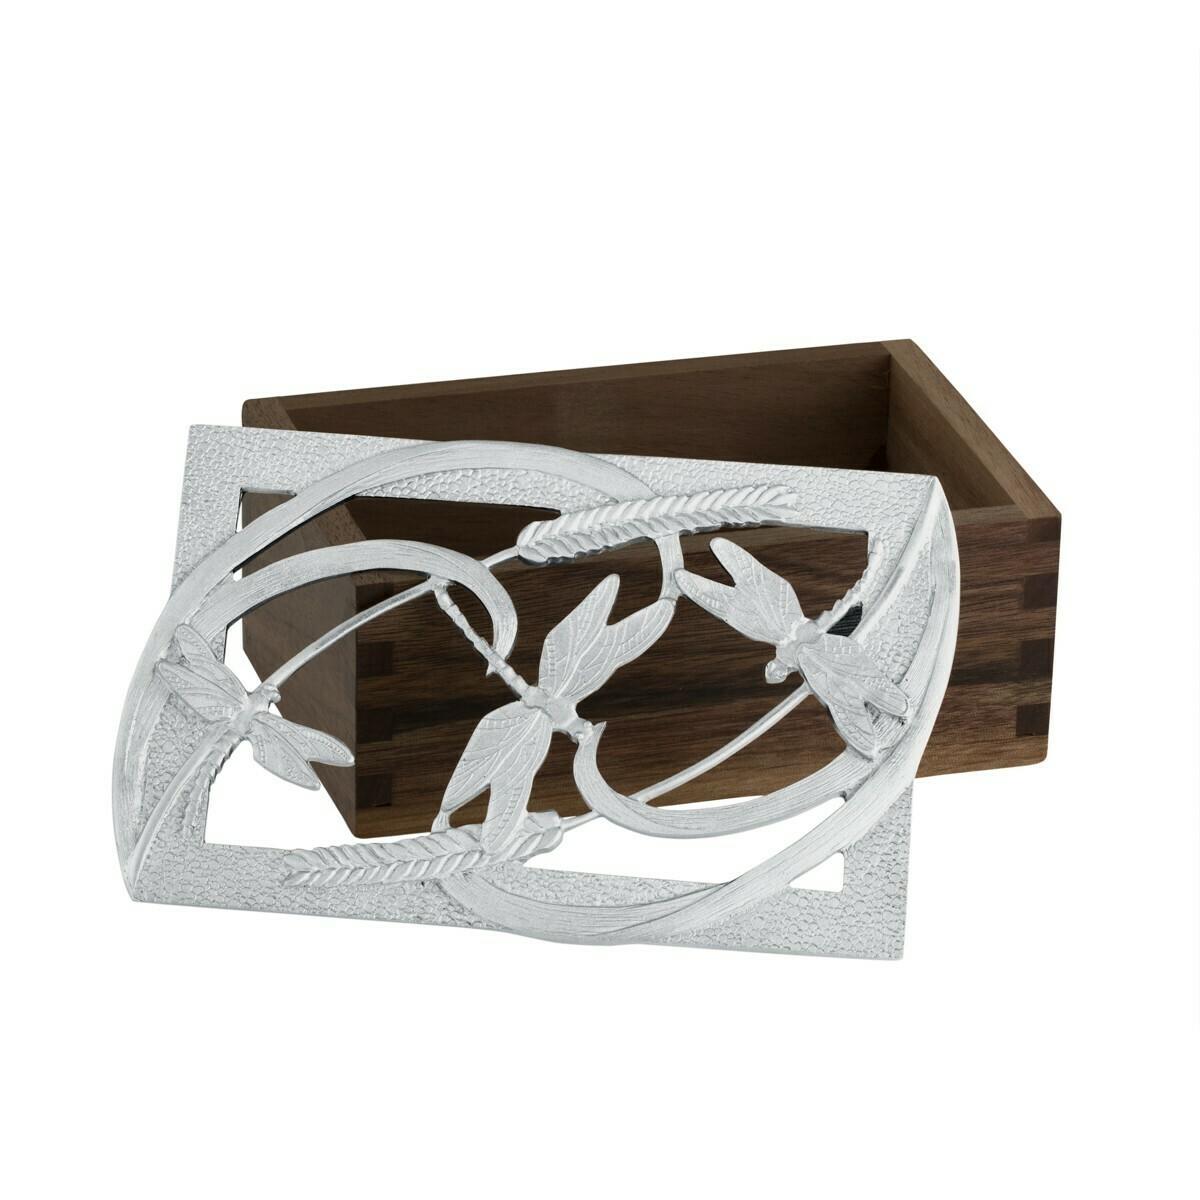 Dragonfly Wood Box - Amos